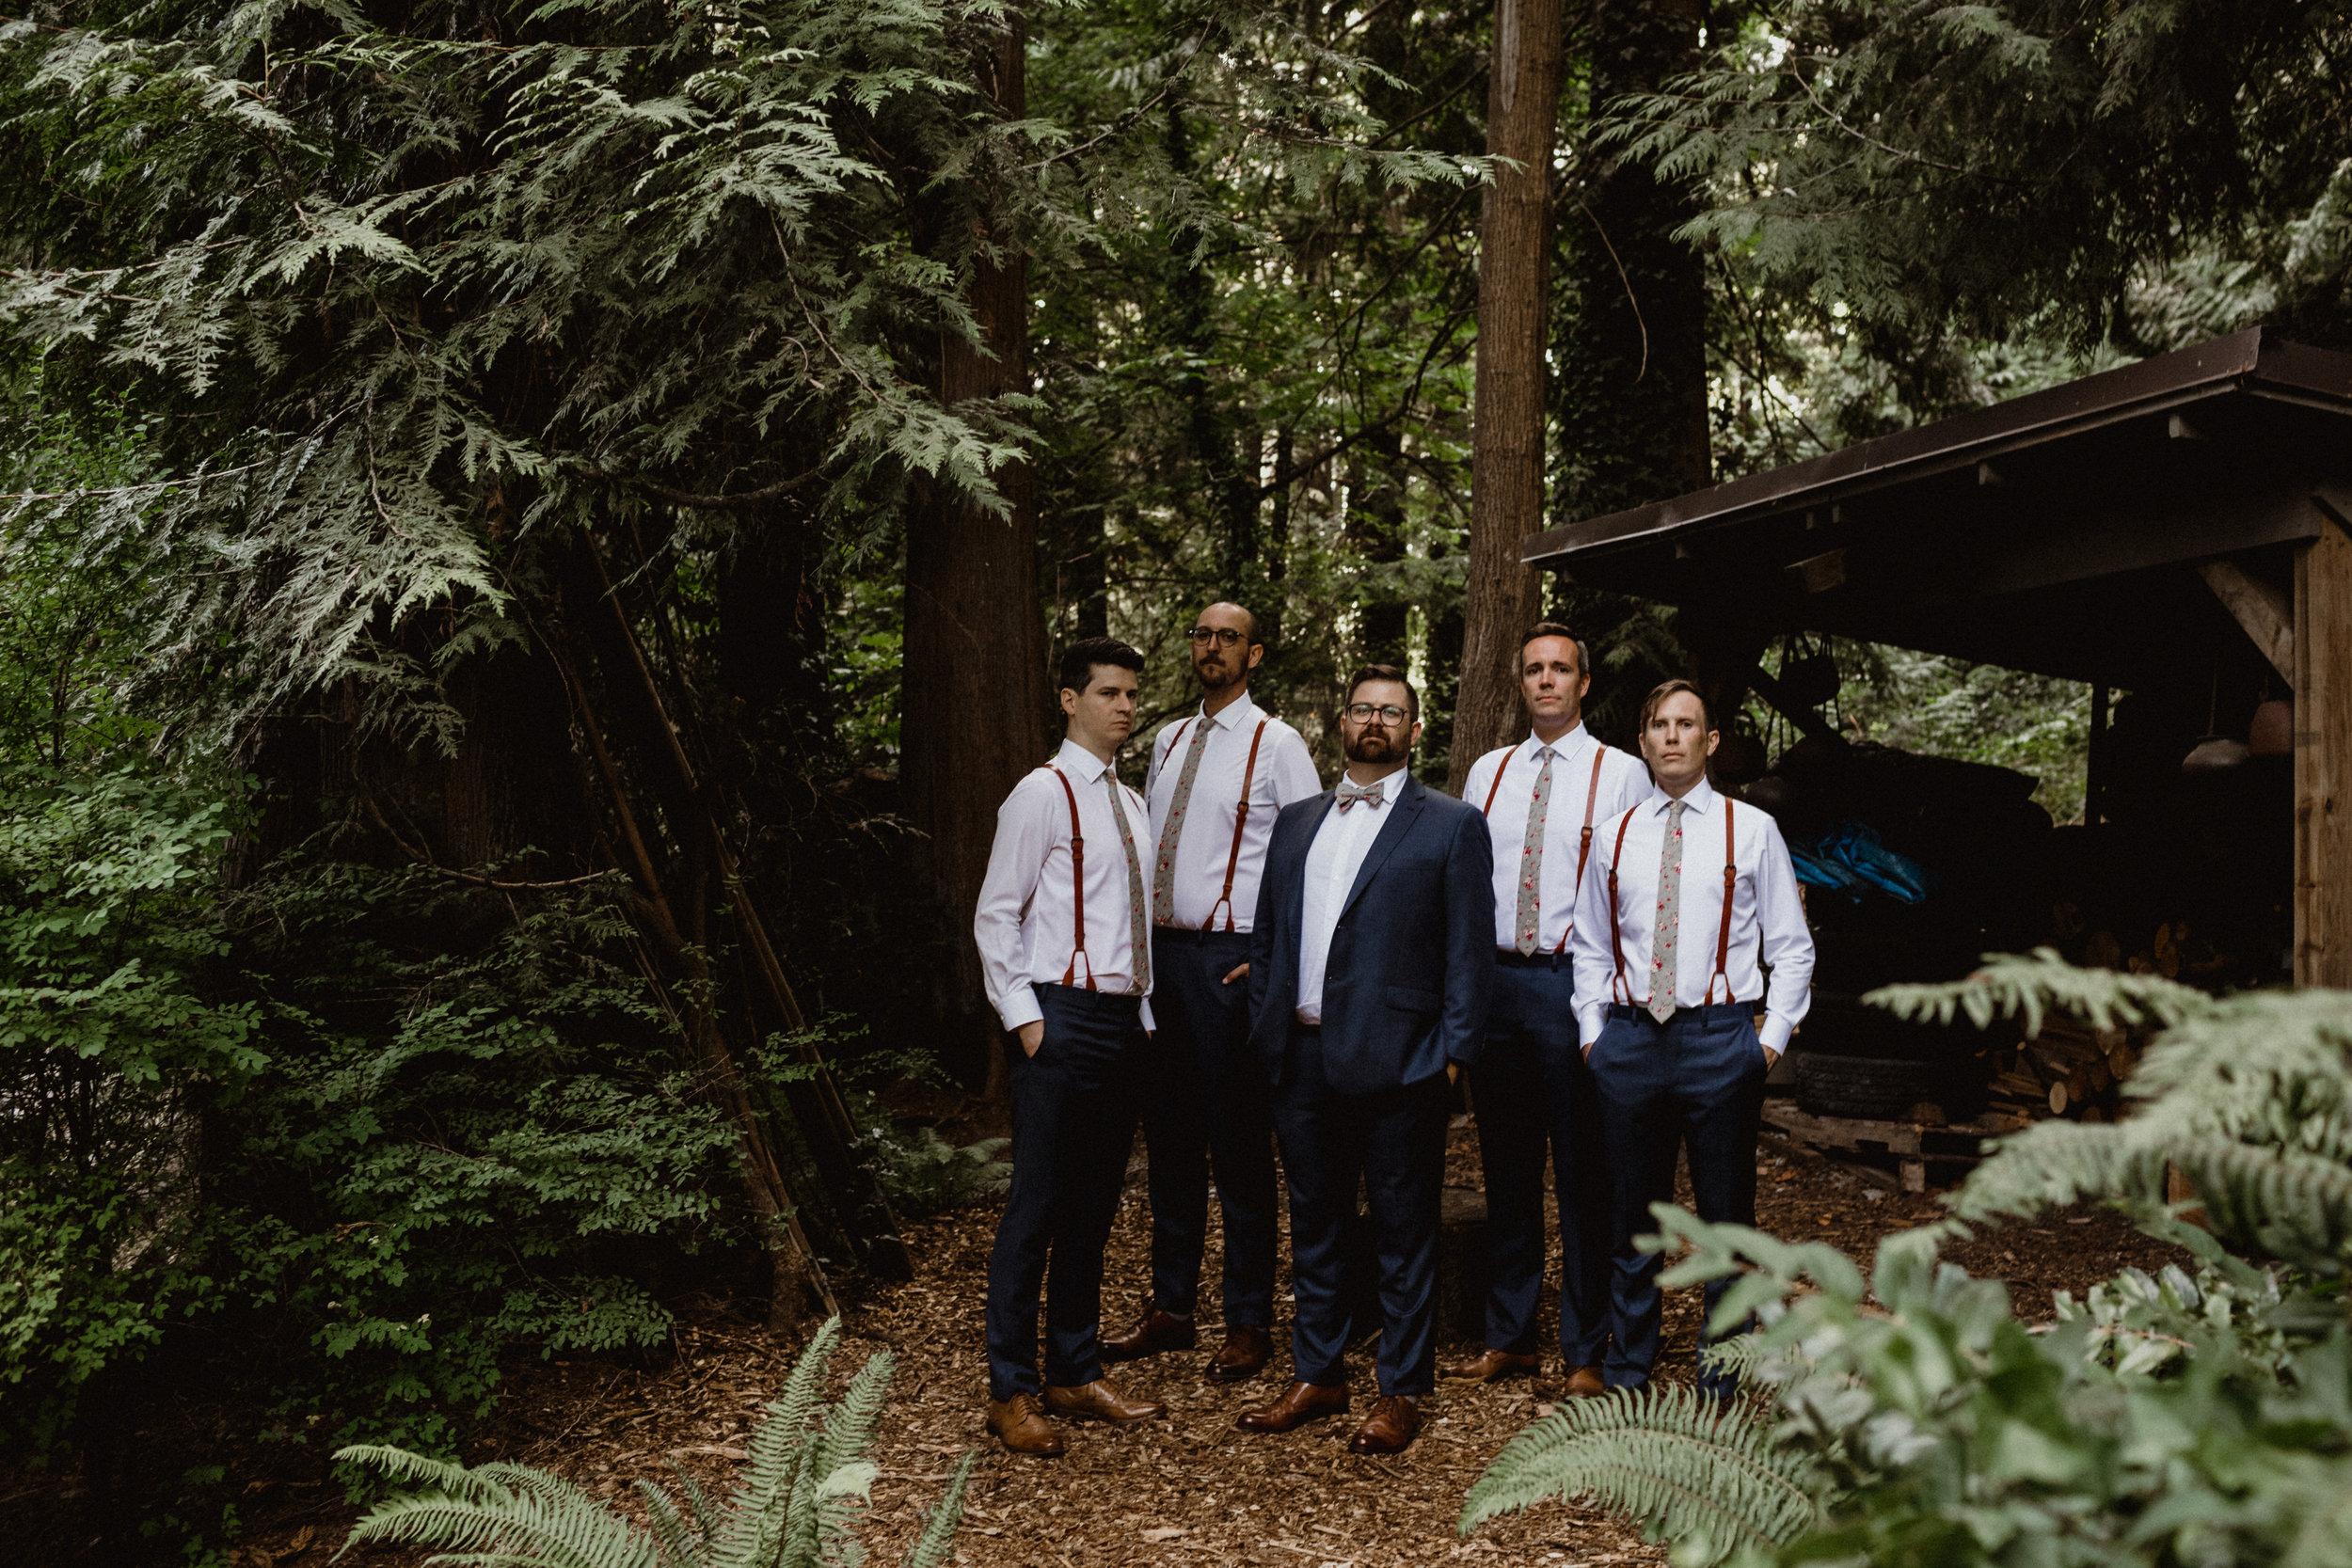 west-vancouver-backyard-wedding-169.jpg